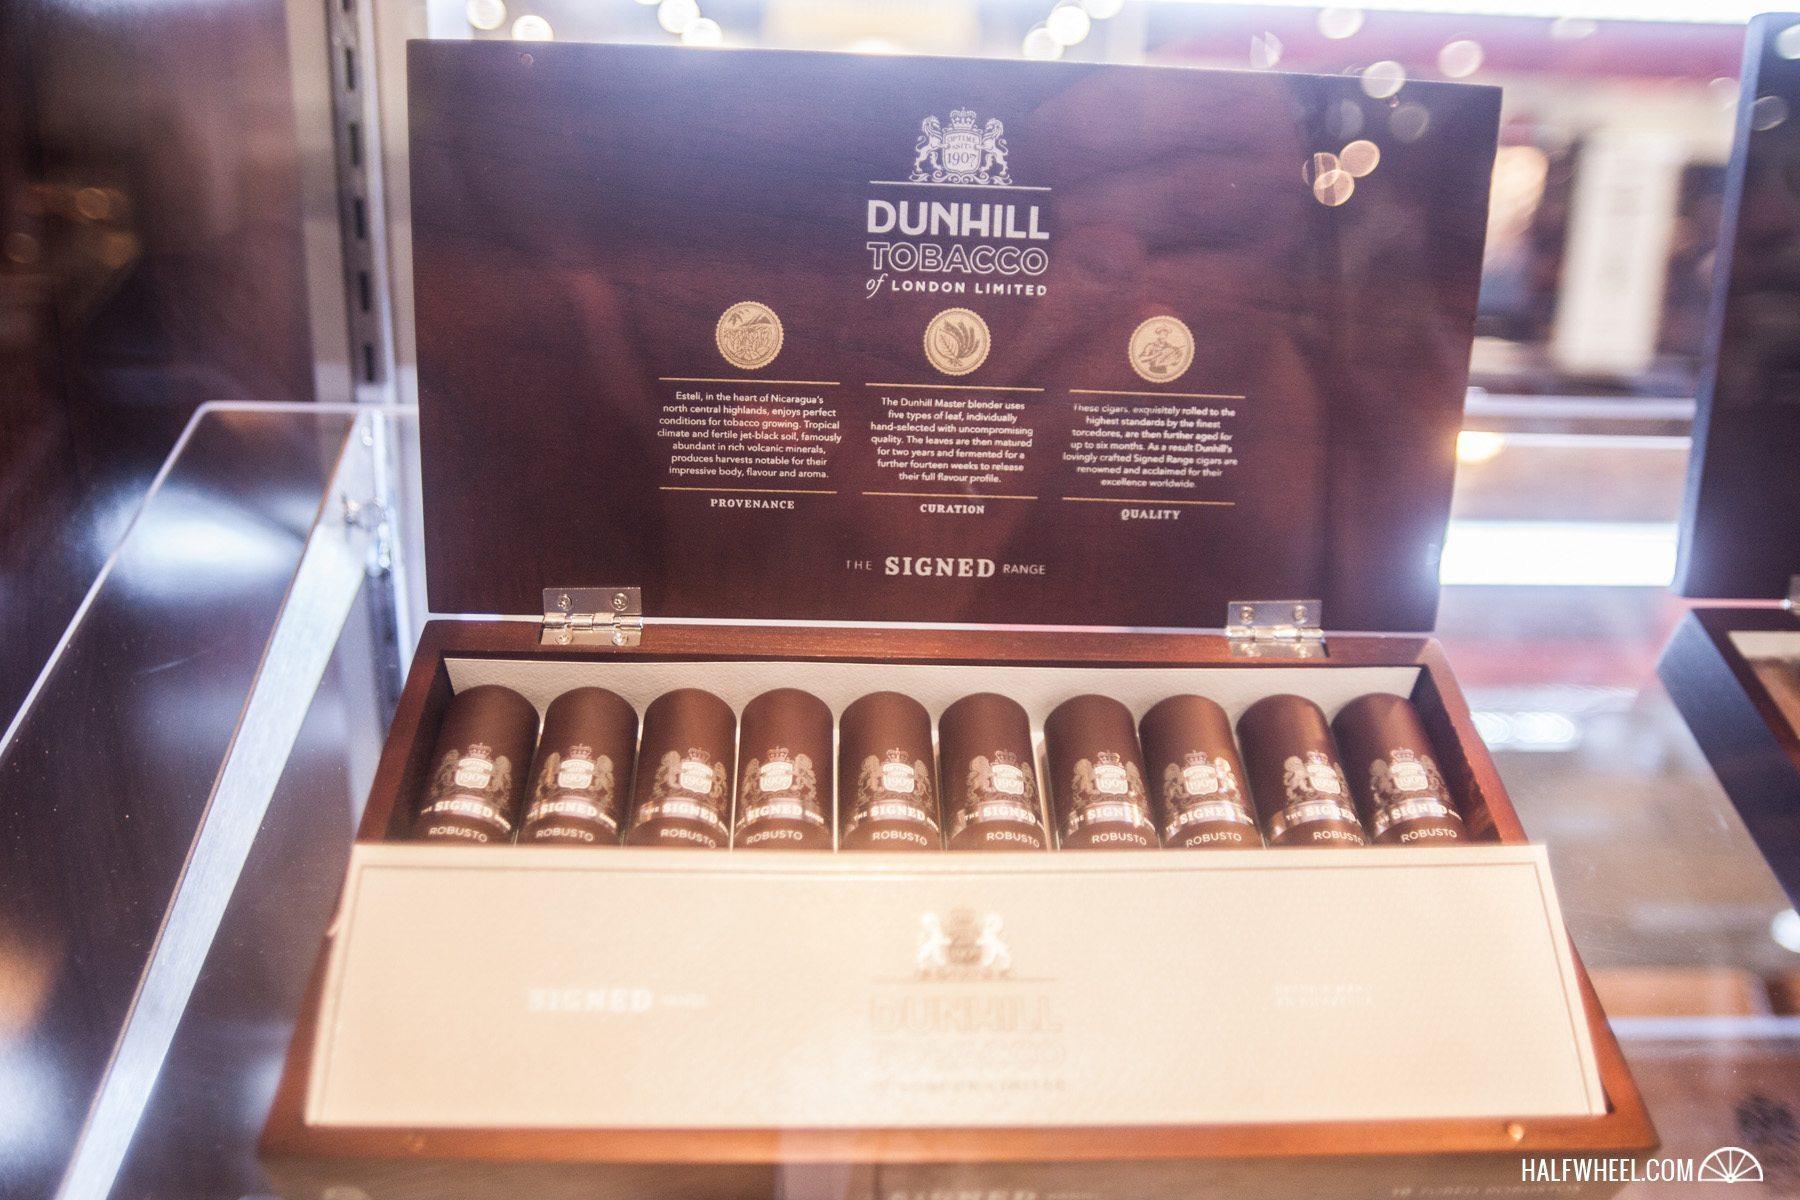 General Cigar IPCPR 2014-03